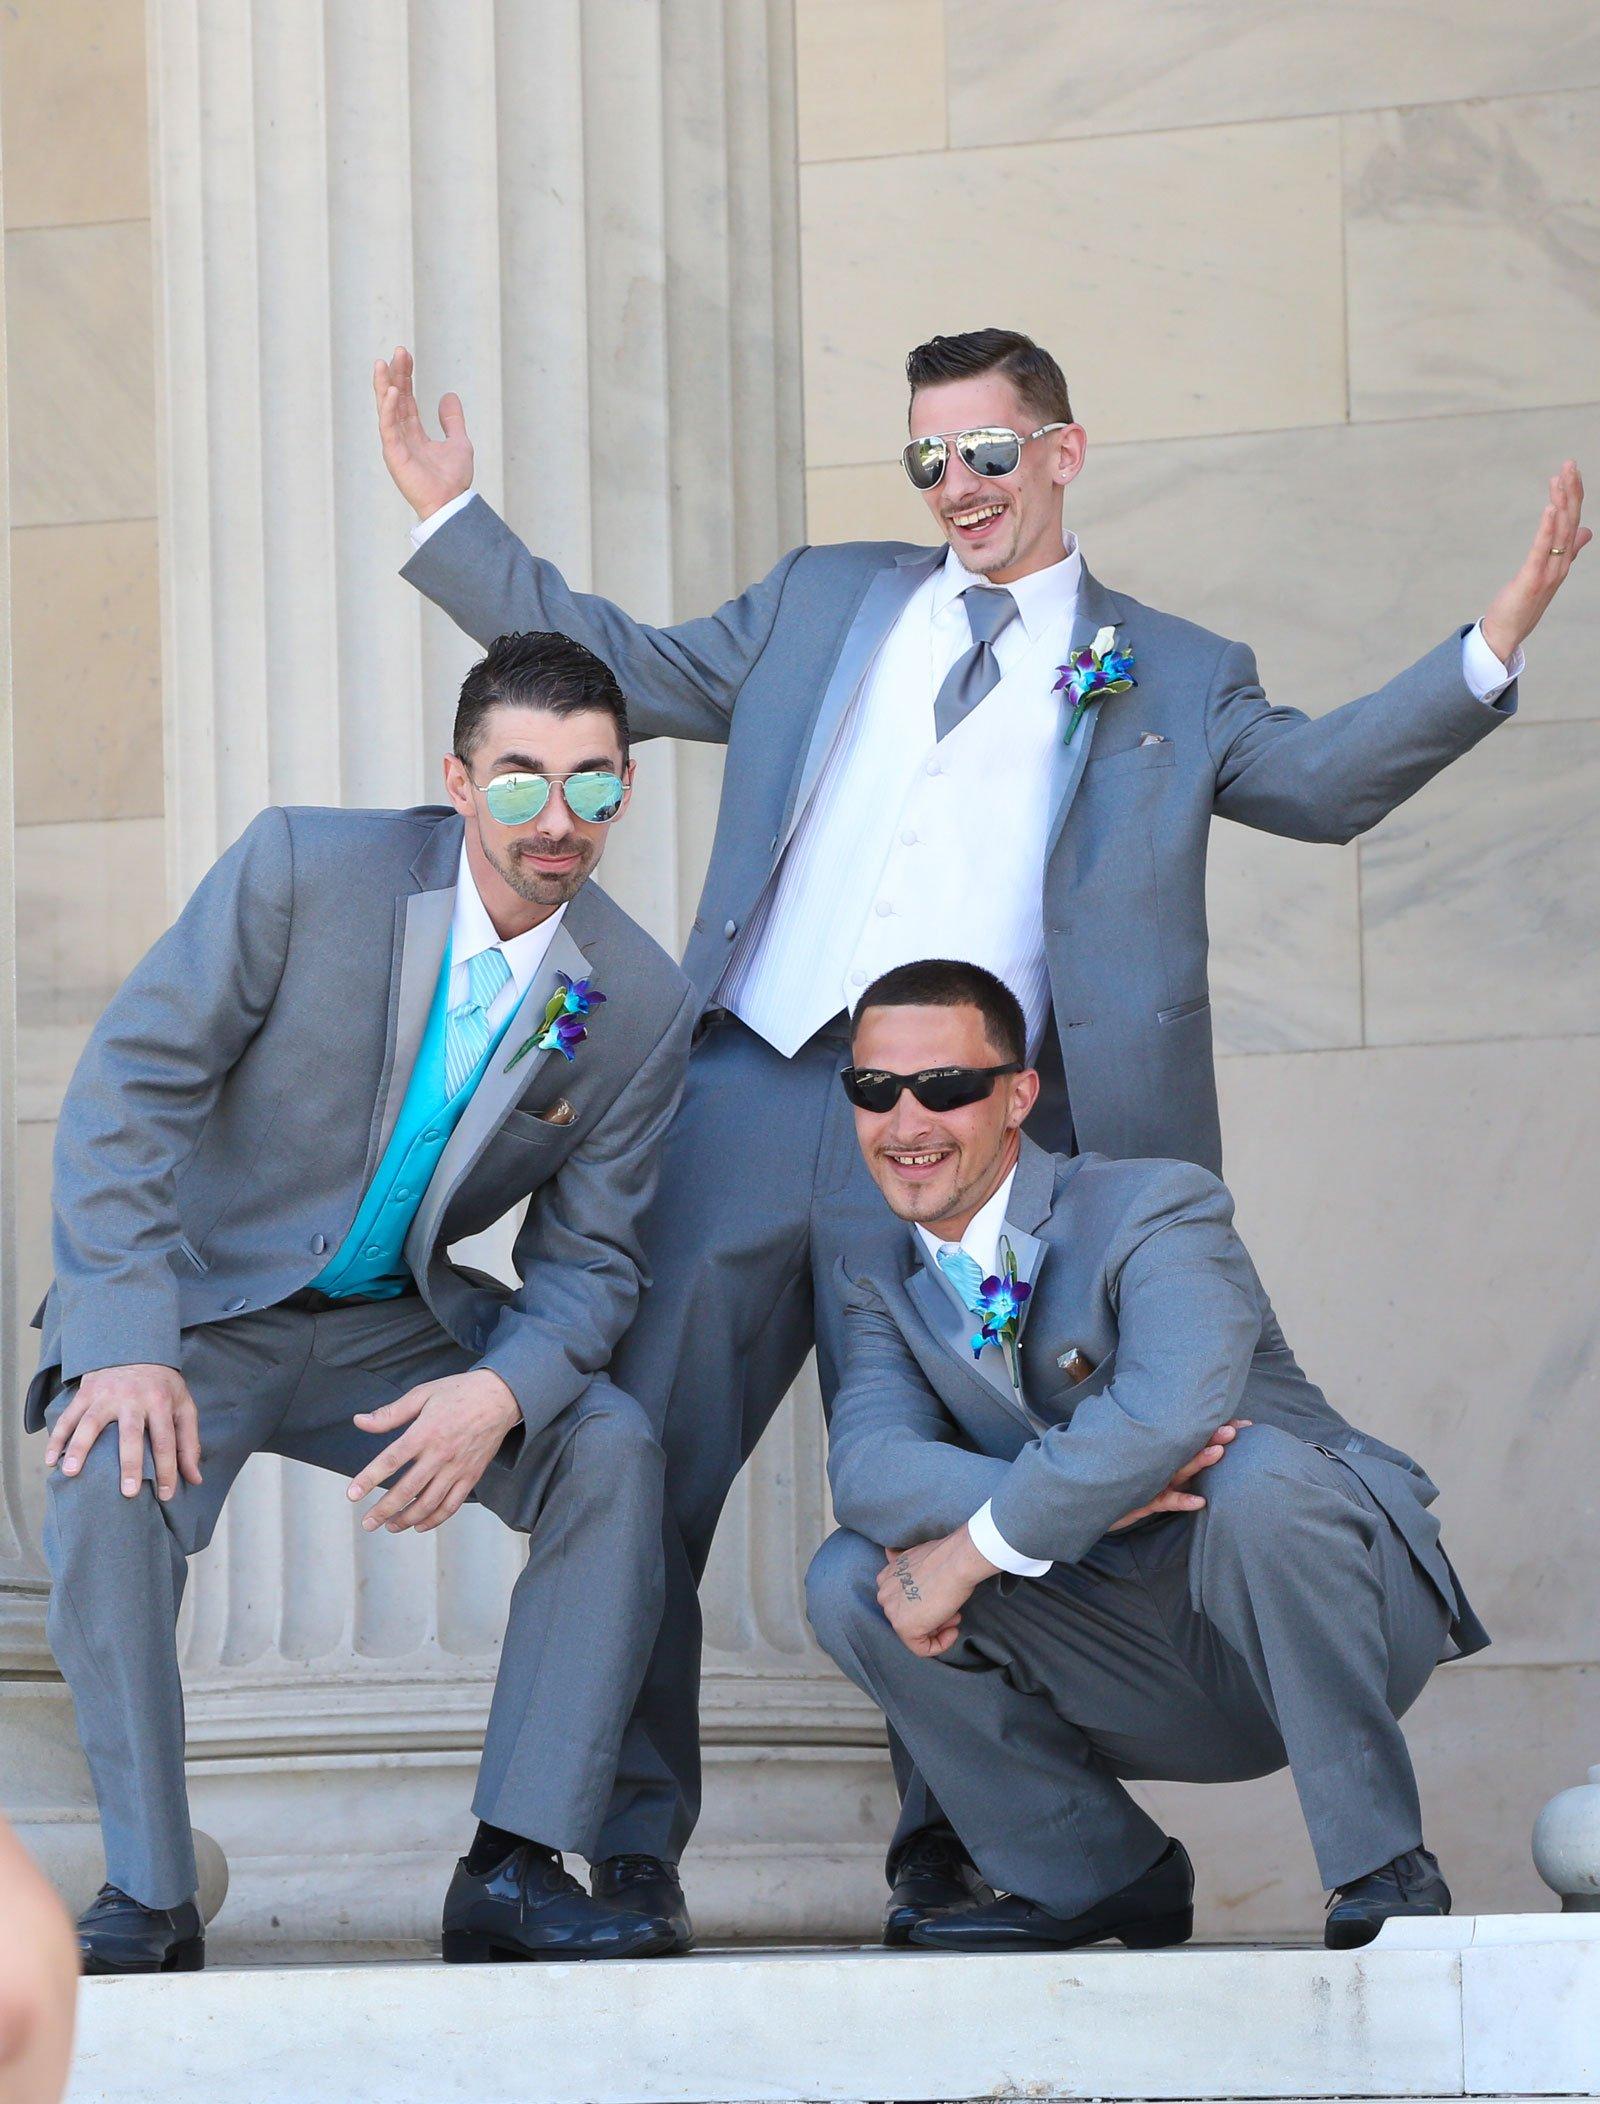 Buffalo, NY Wedding groom groomsmen at Albright Knox